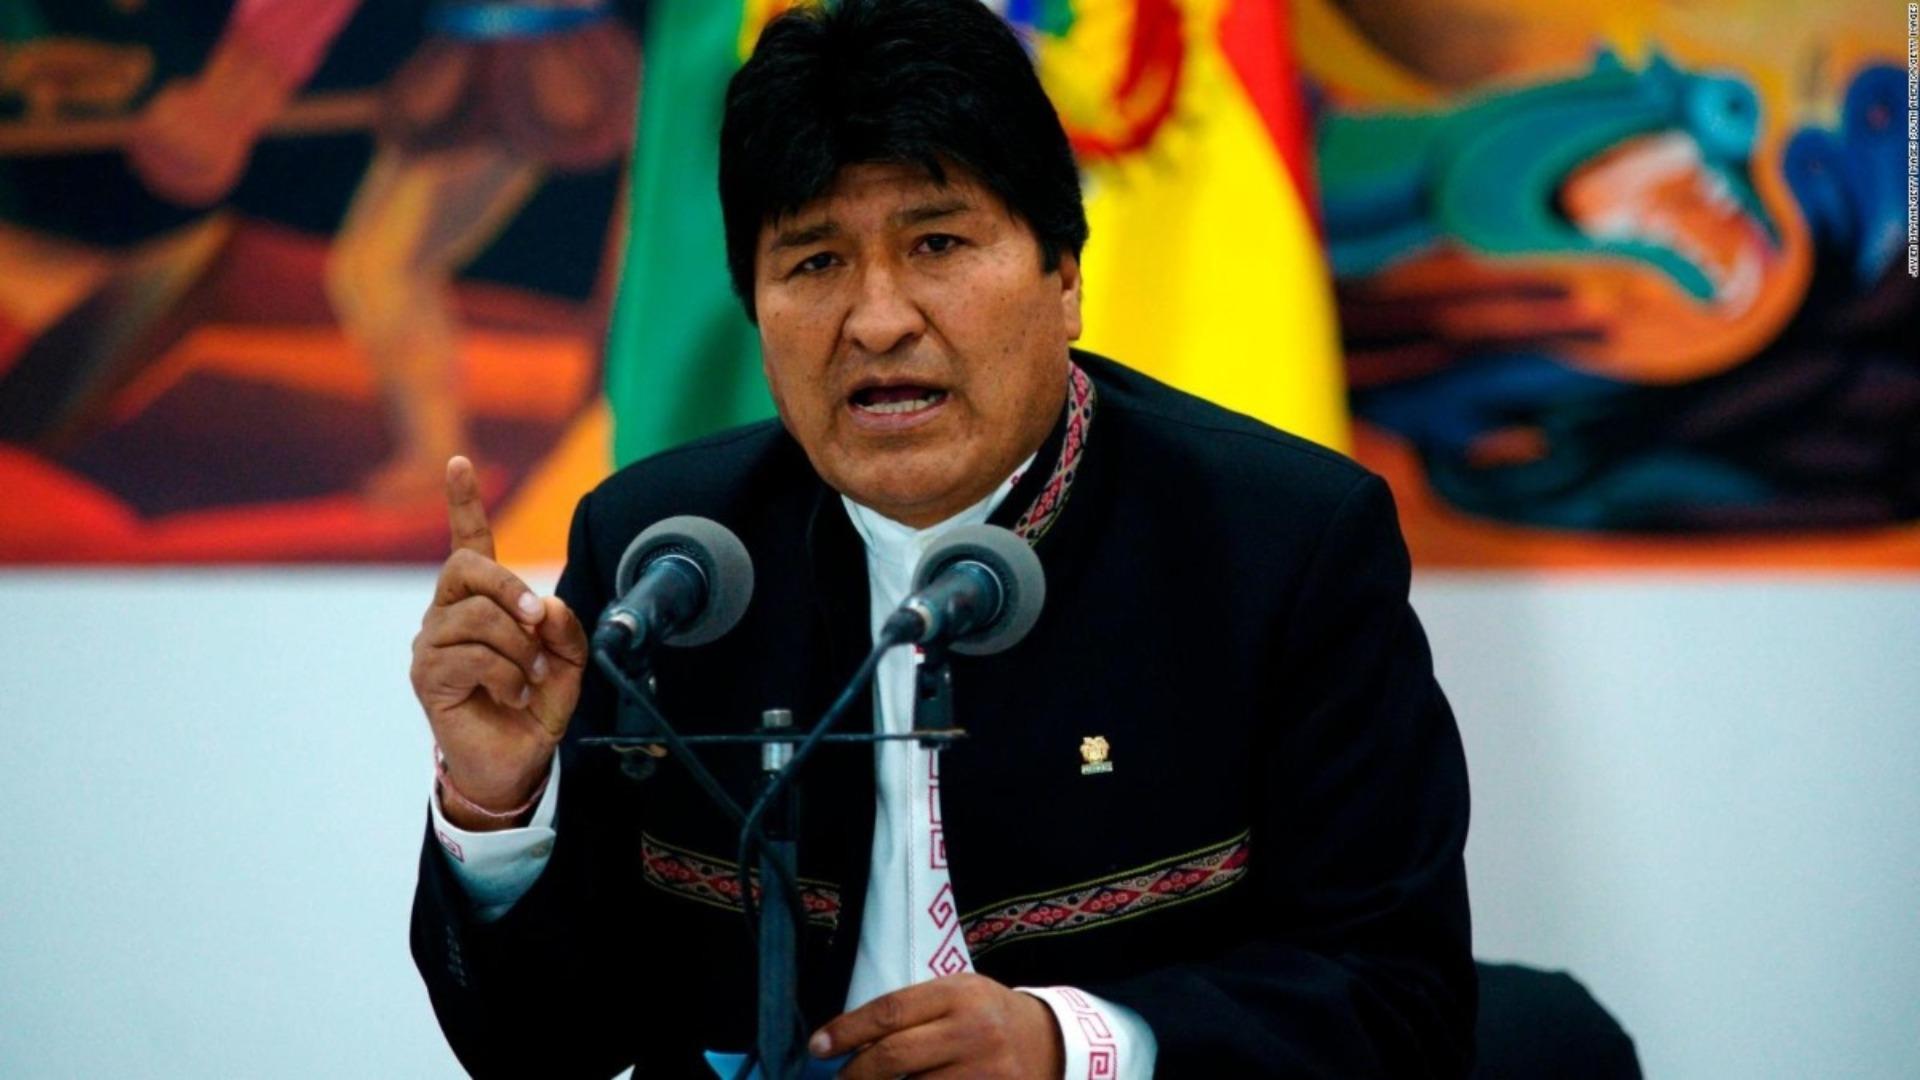 Fiscalía de Bolivia dicta orden de detención contra Evo Morales